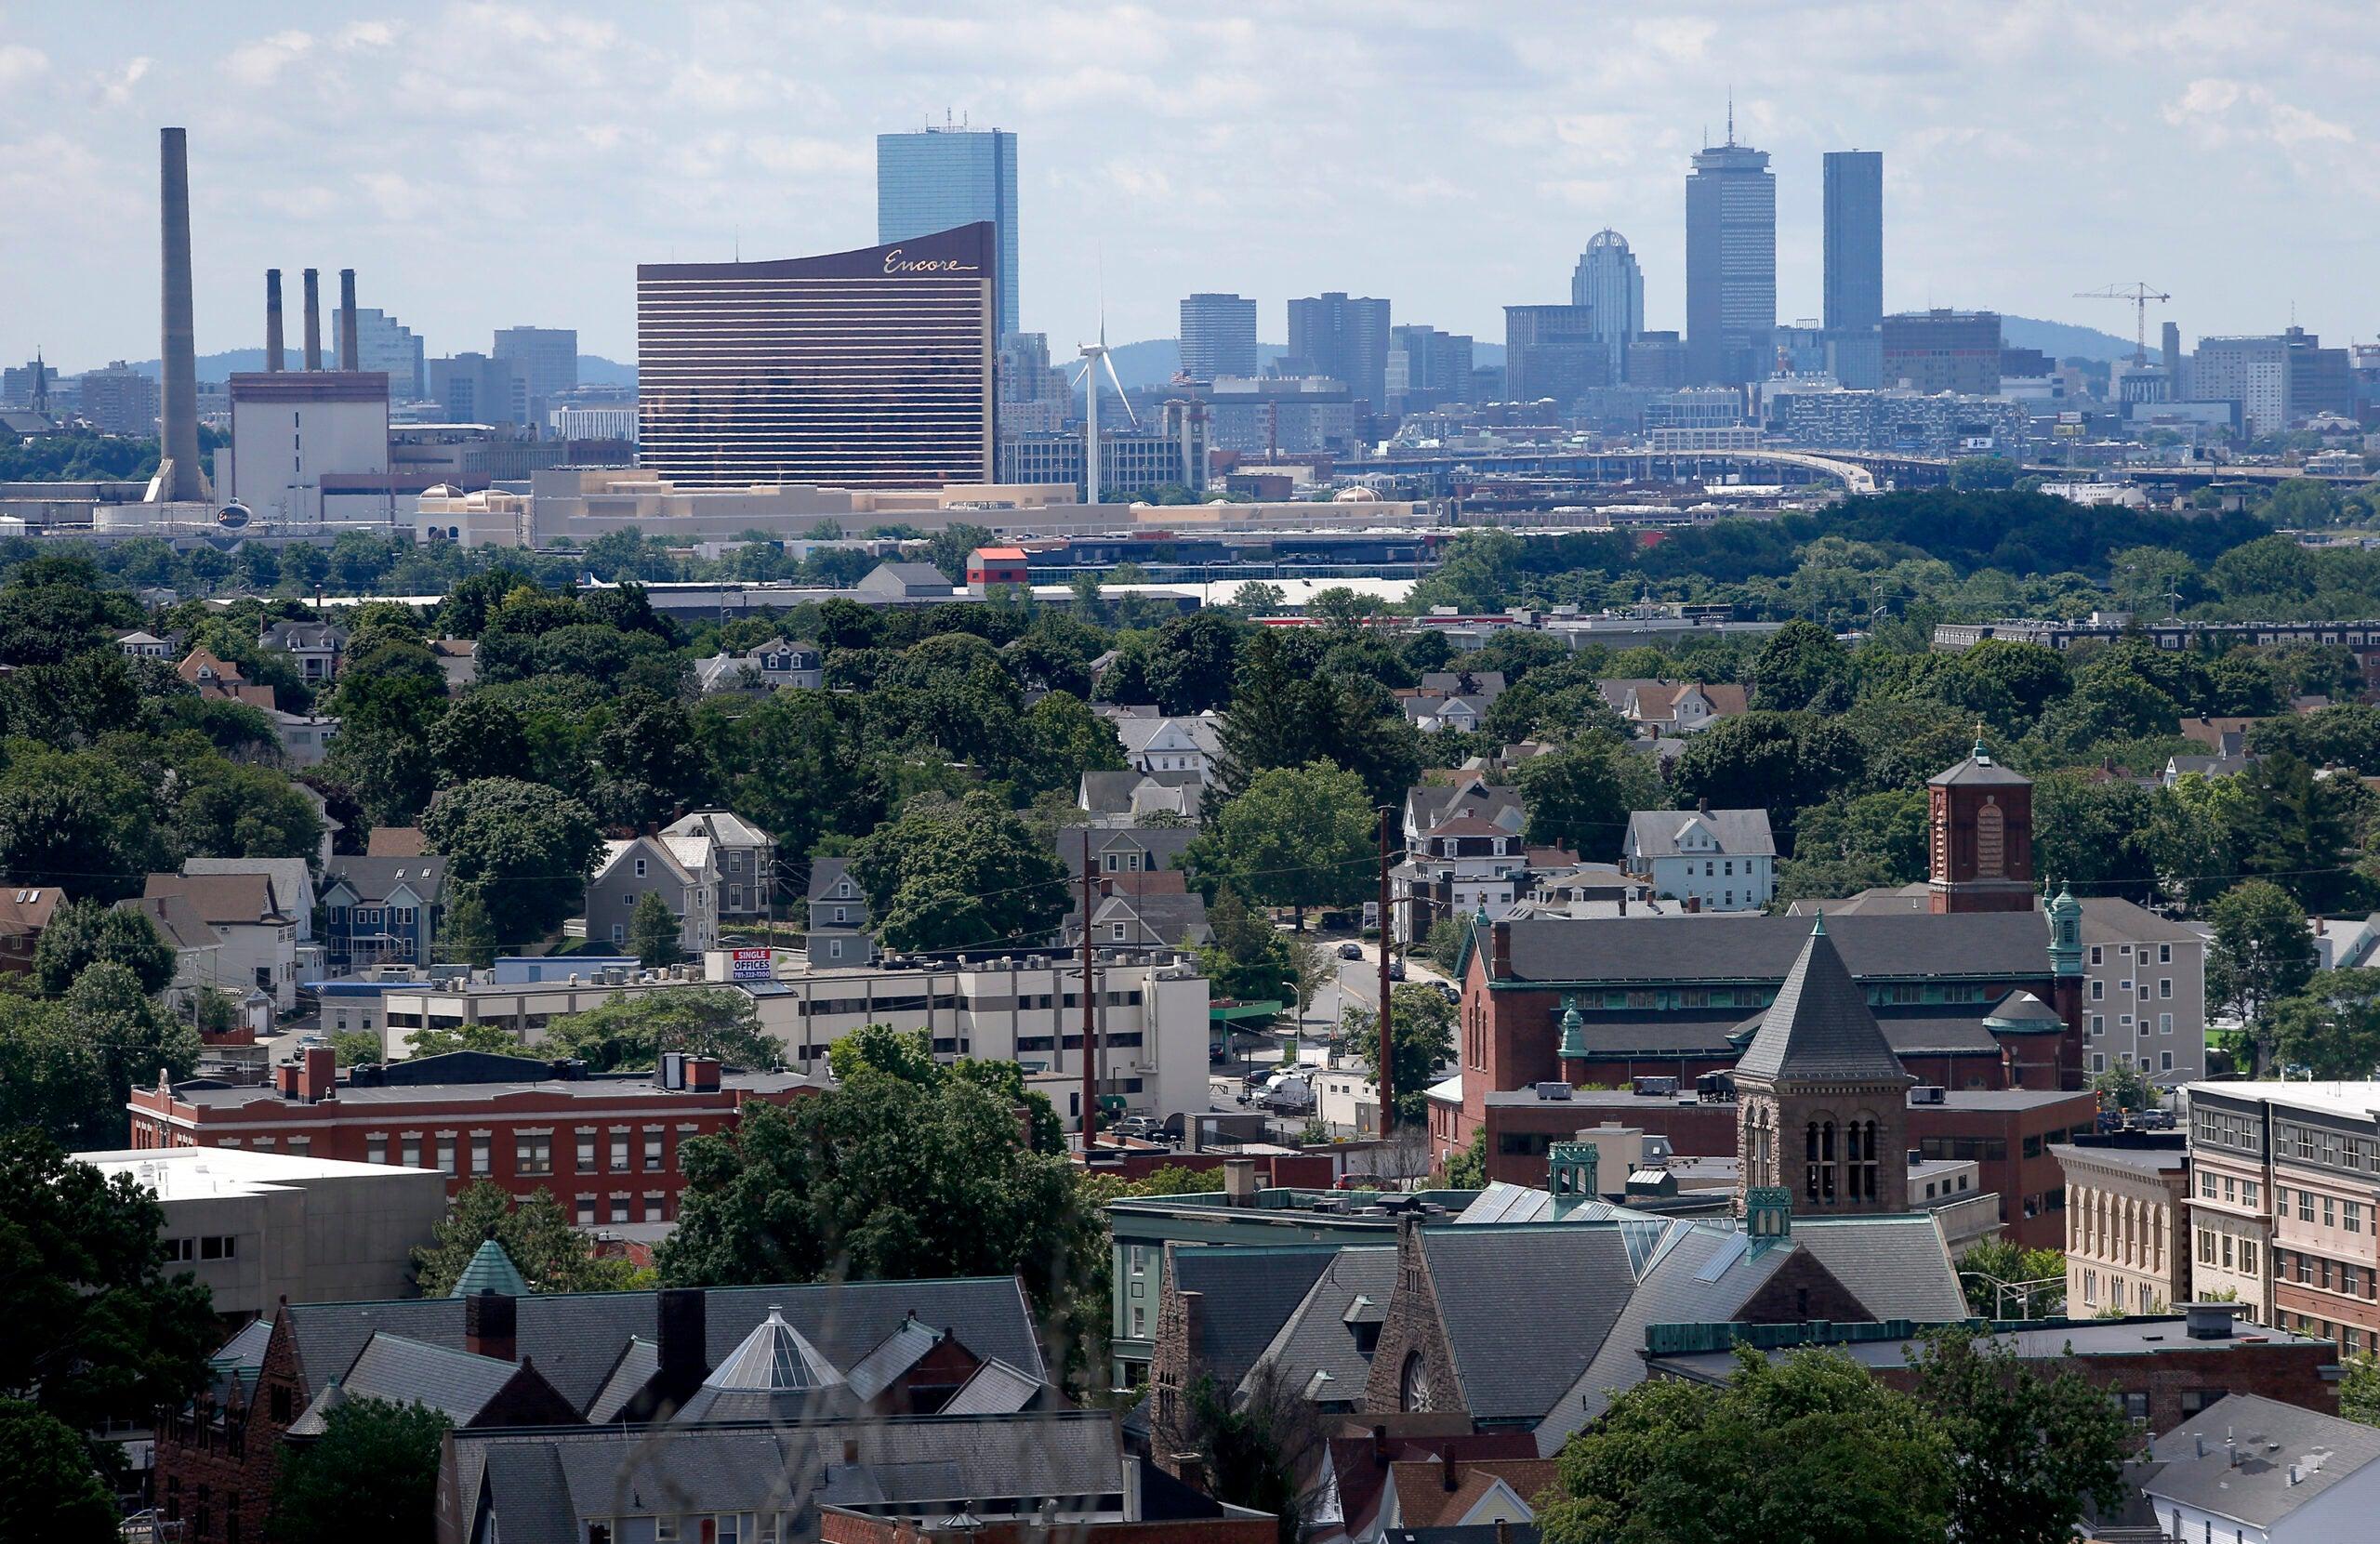 Encore Boston